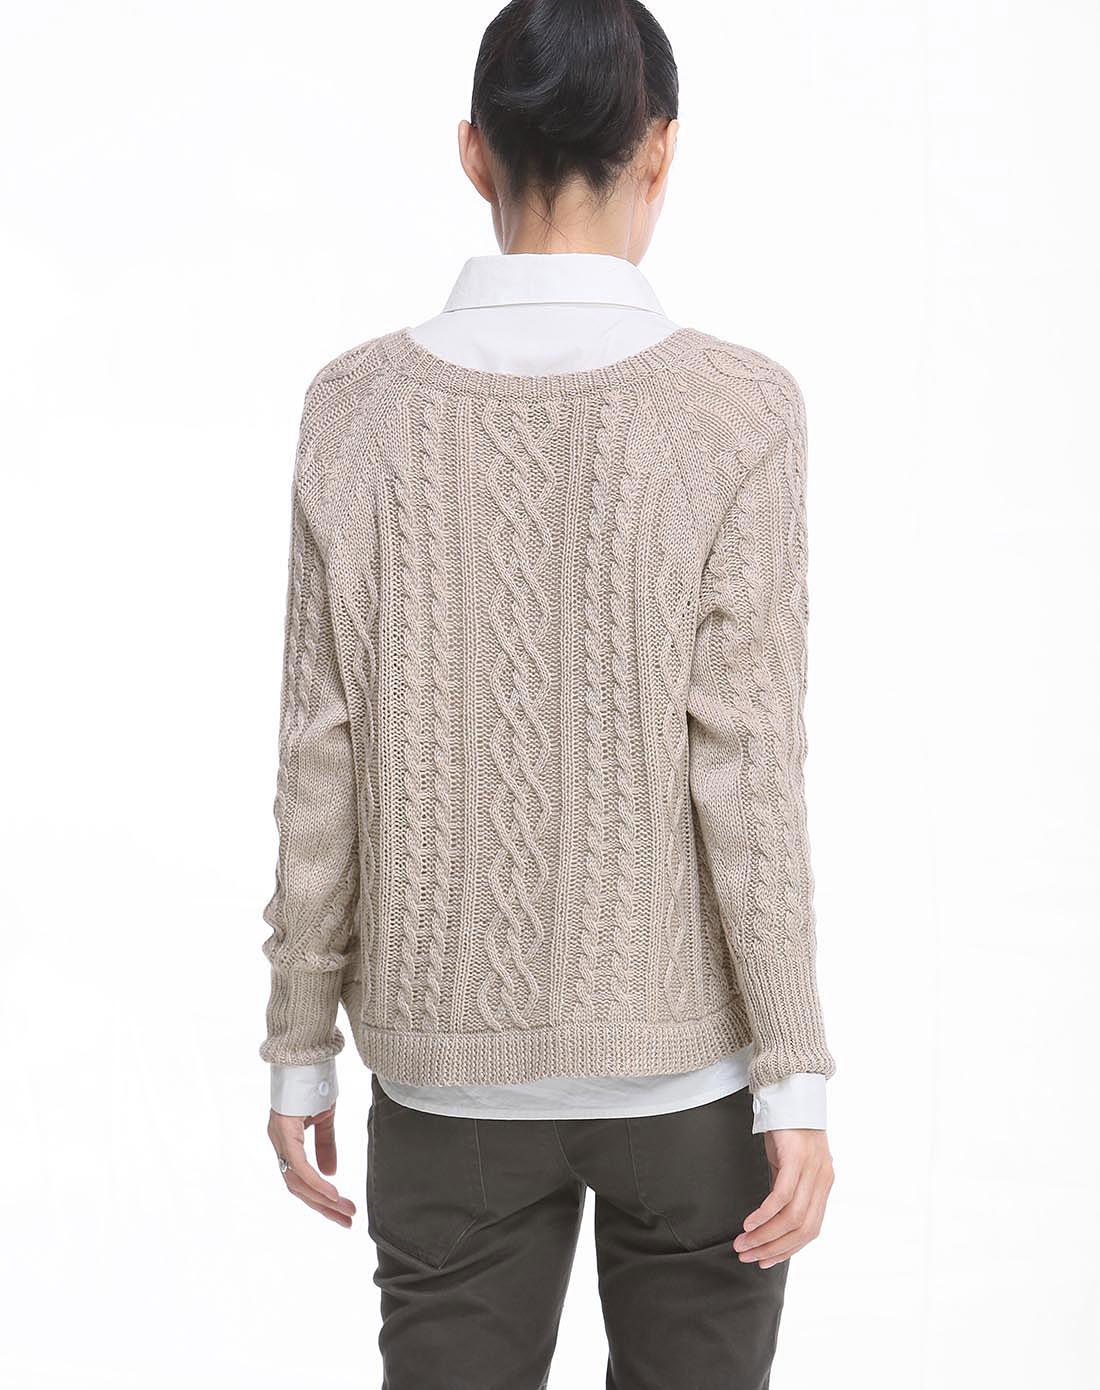 浅驼色织花纹时尚长袖毛衣